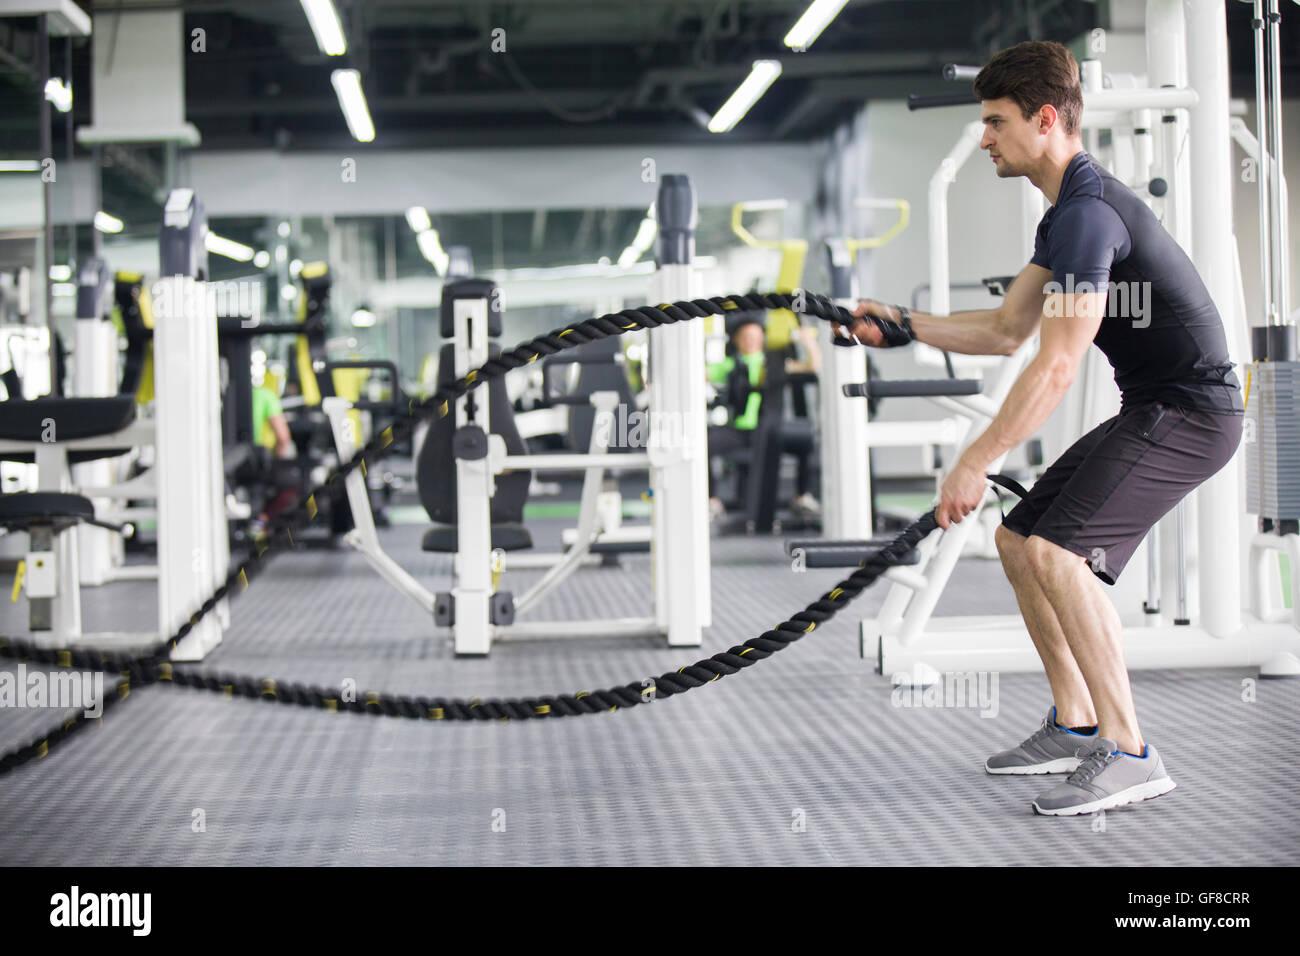 Junger Mann mit kämpfen Seil im Fitness-Studio trainieren Stockbild